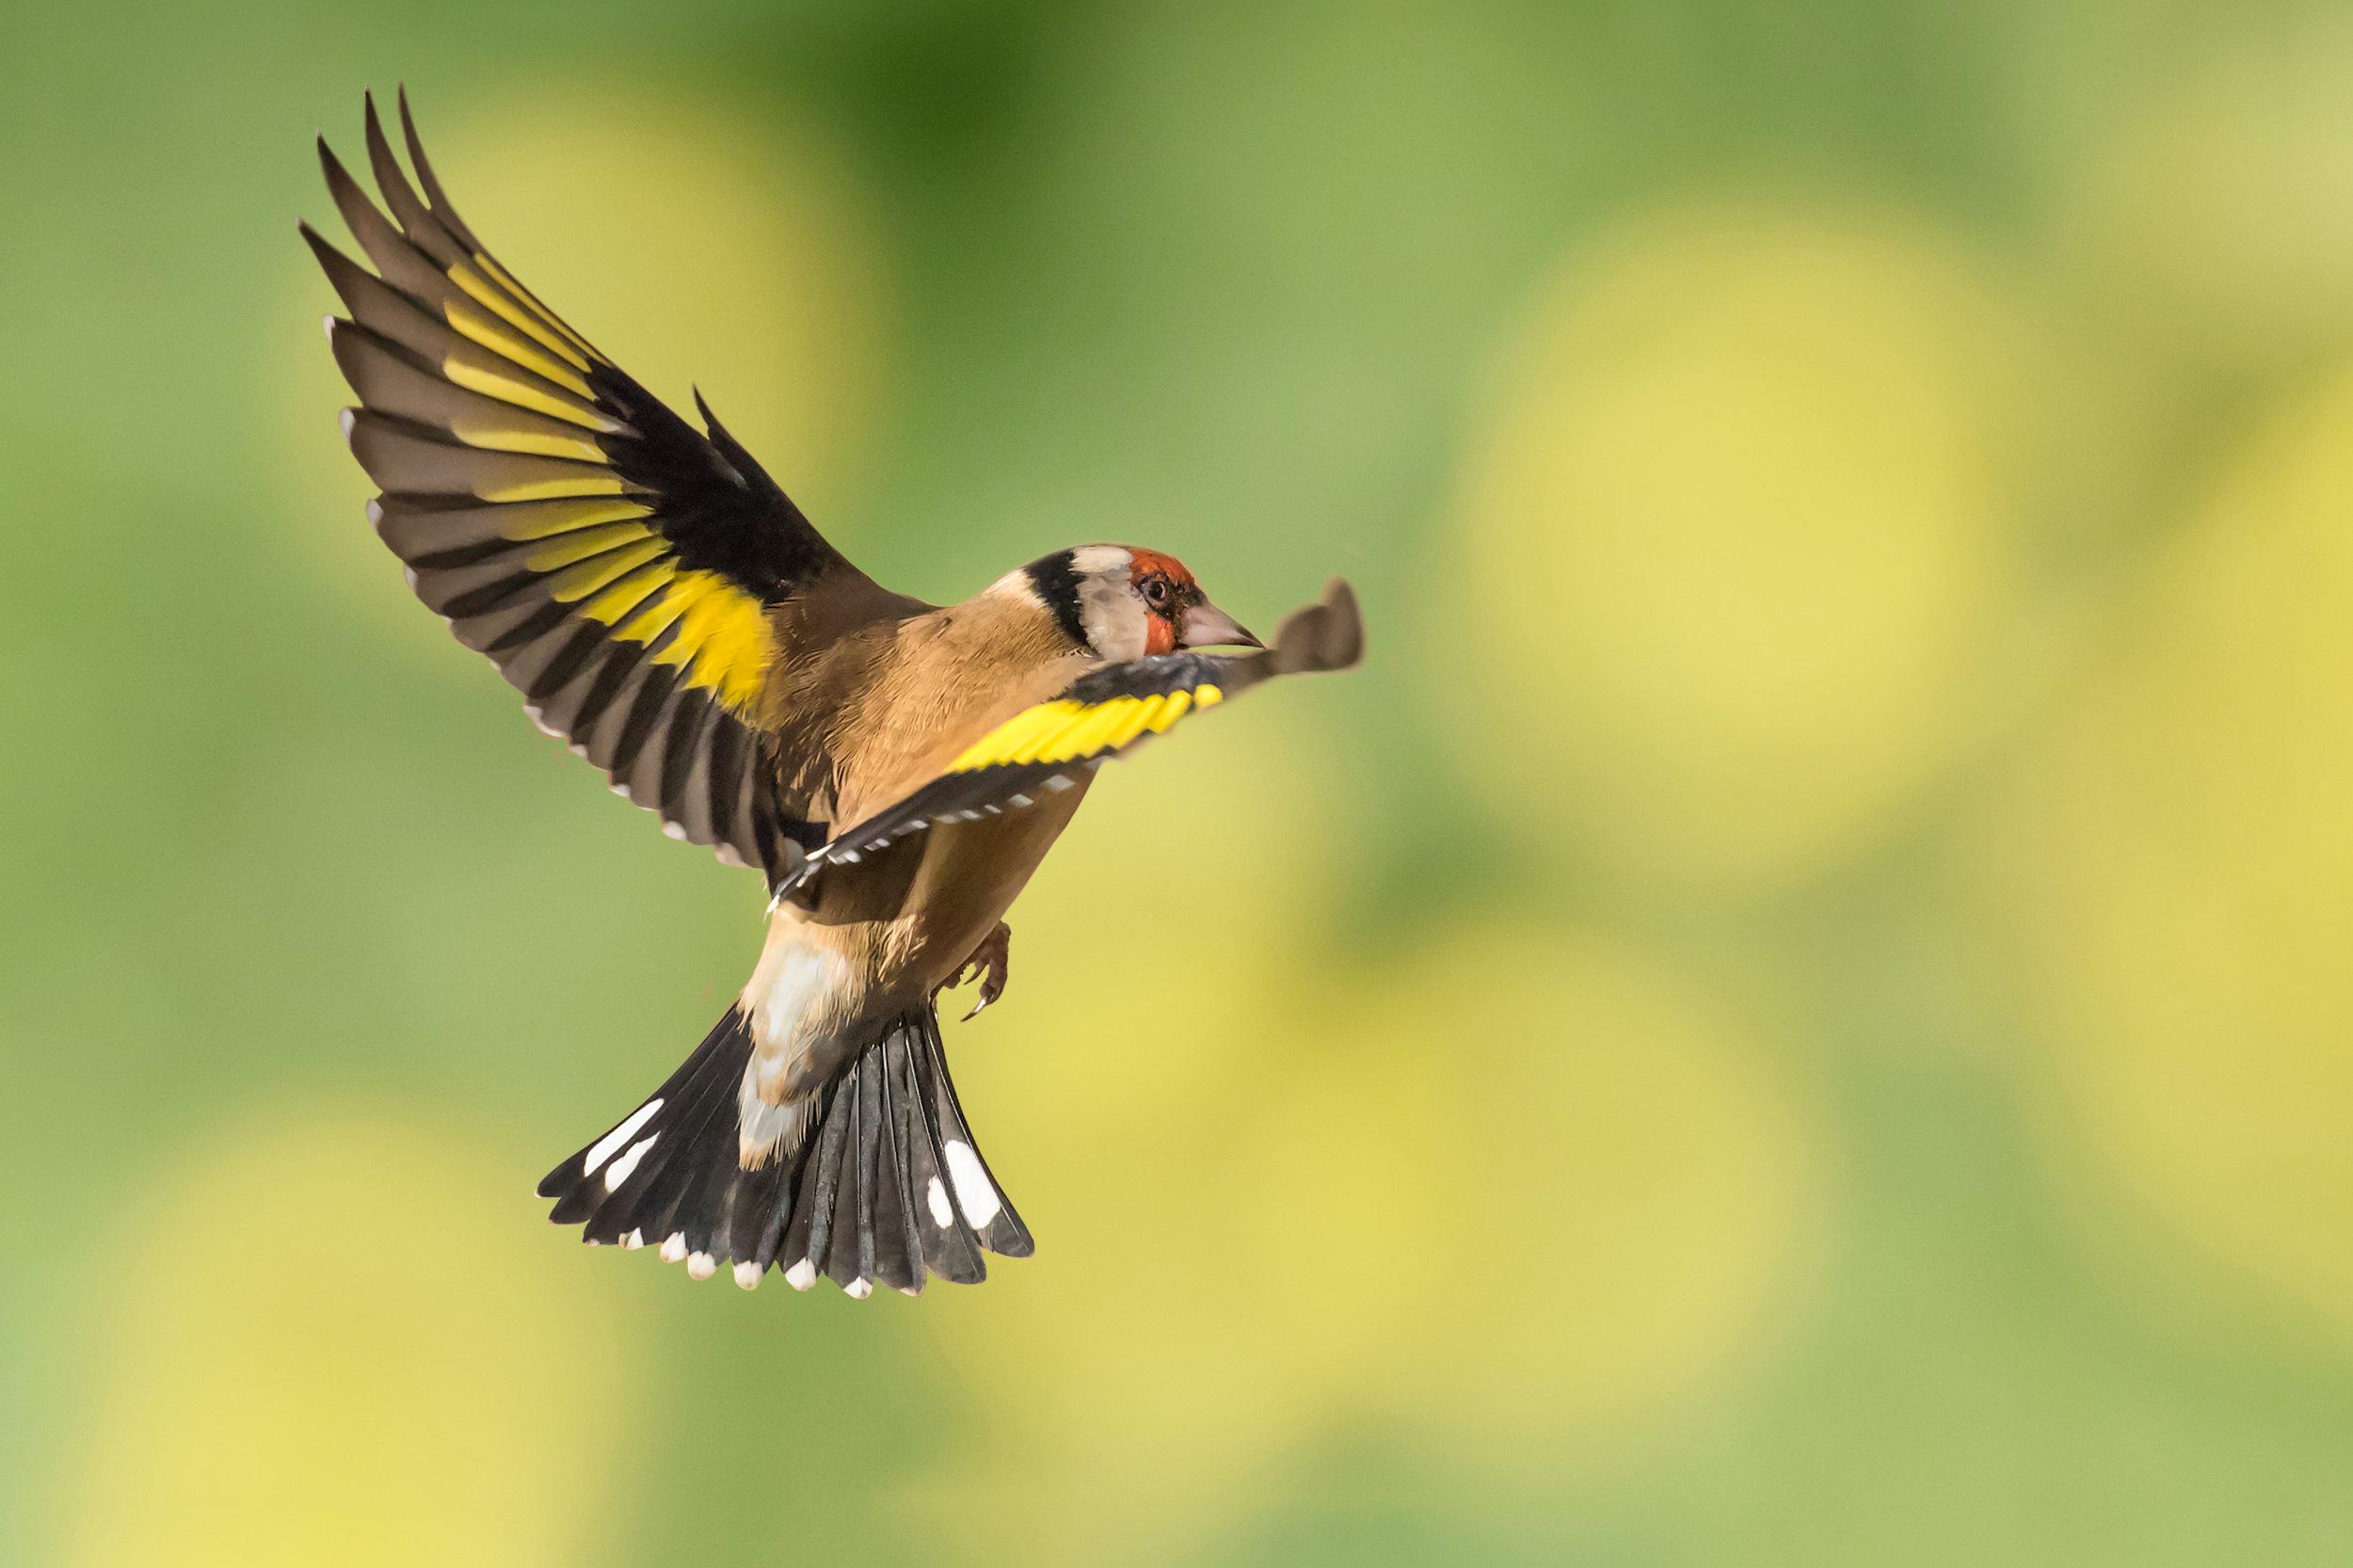 Goldfinch beauty